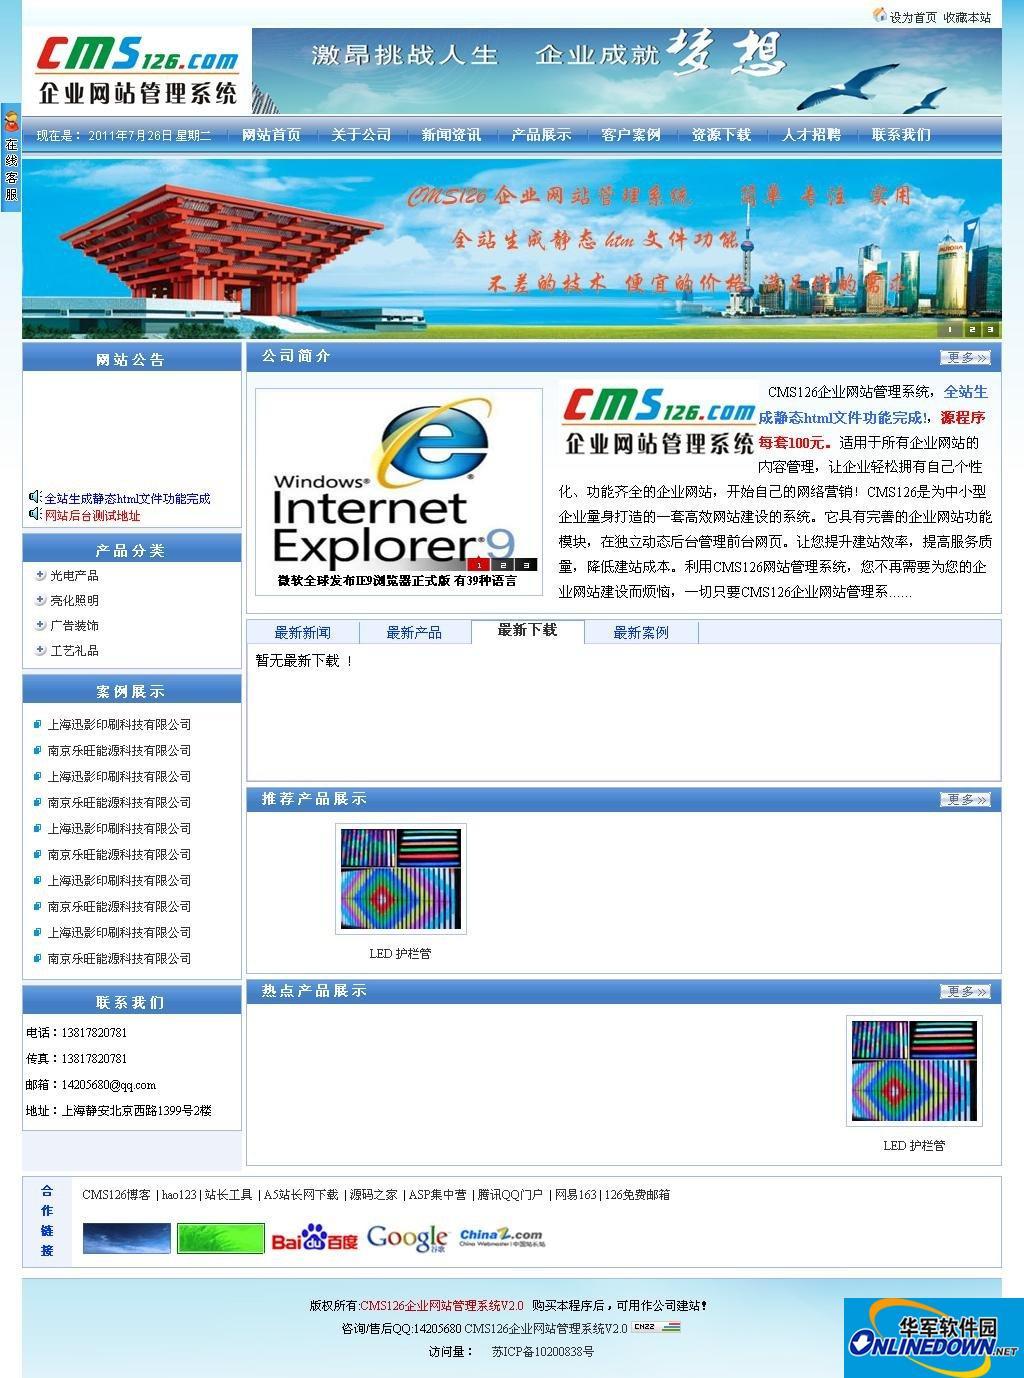 CMS126企业网站管理系统 PC版